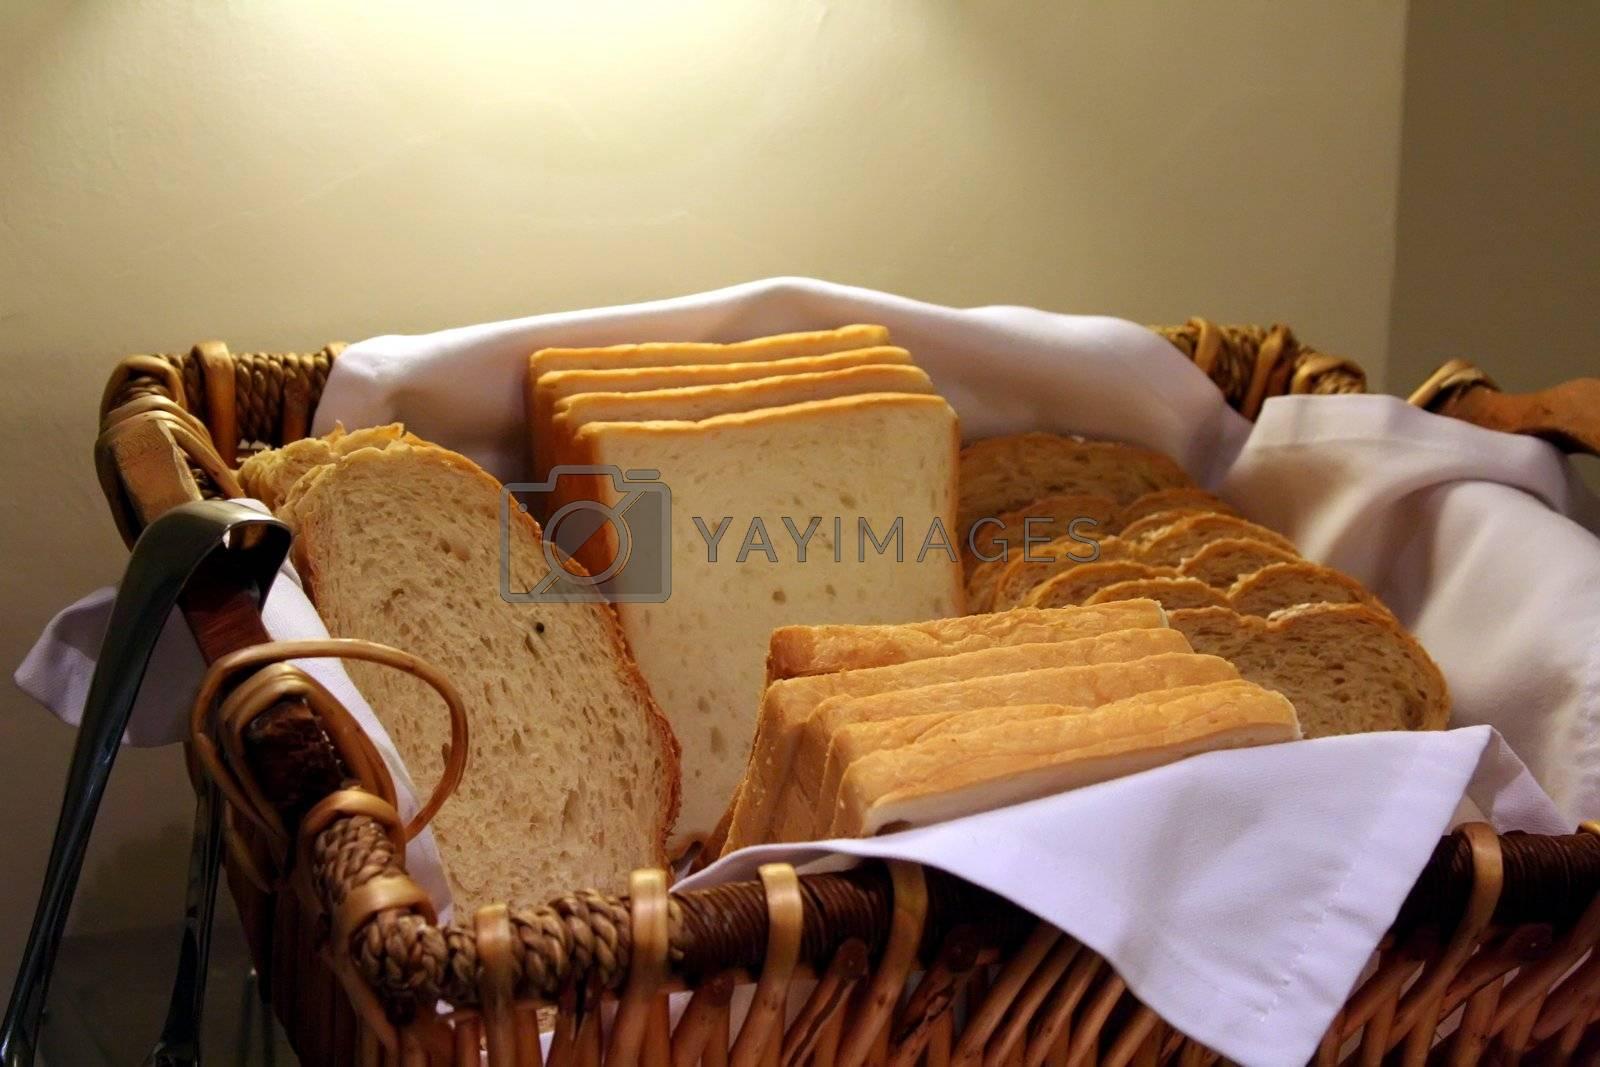 Sliced bread in a basket part of restaurant buffet breakfast